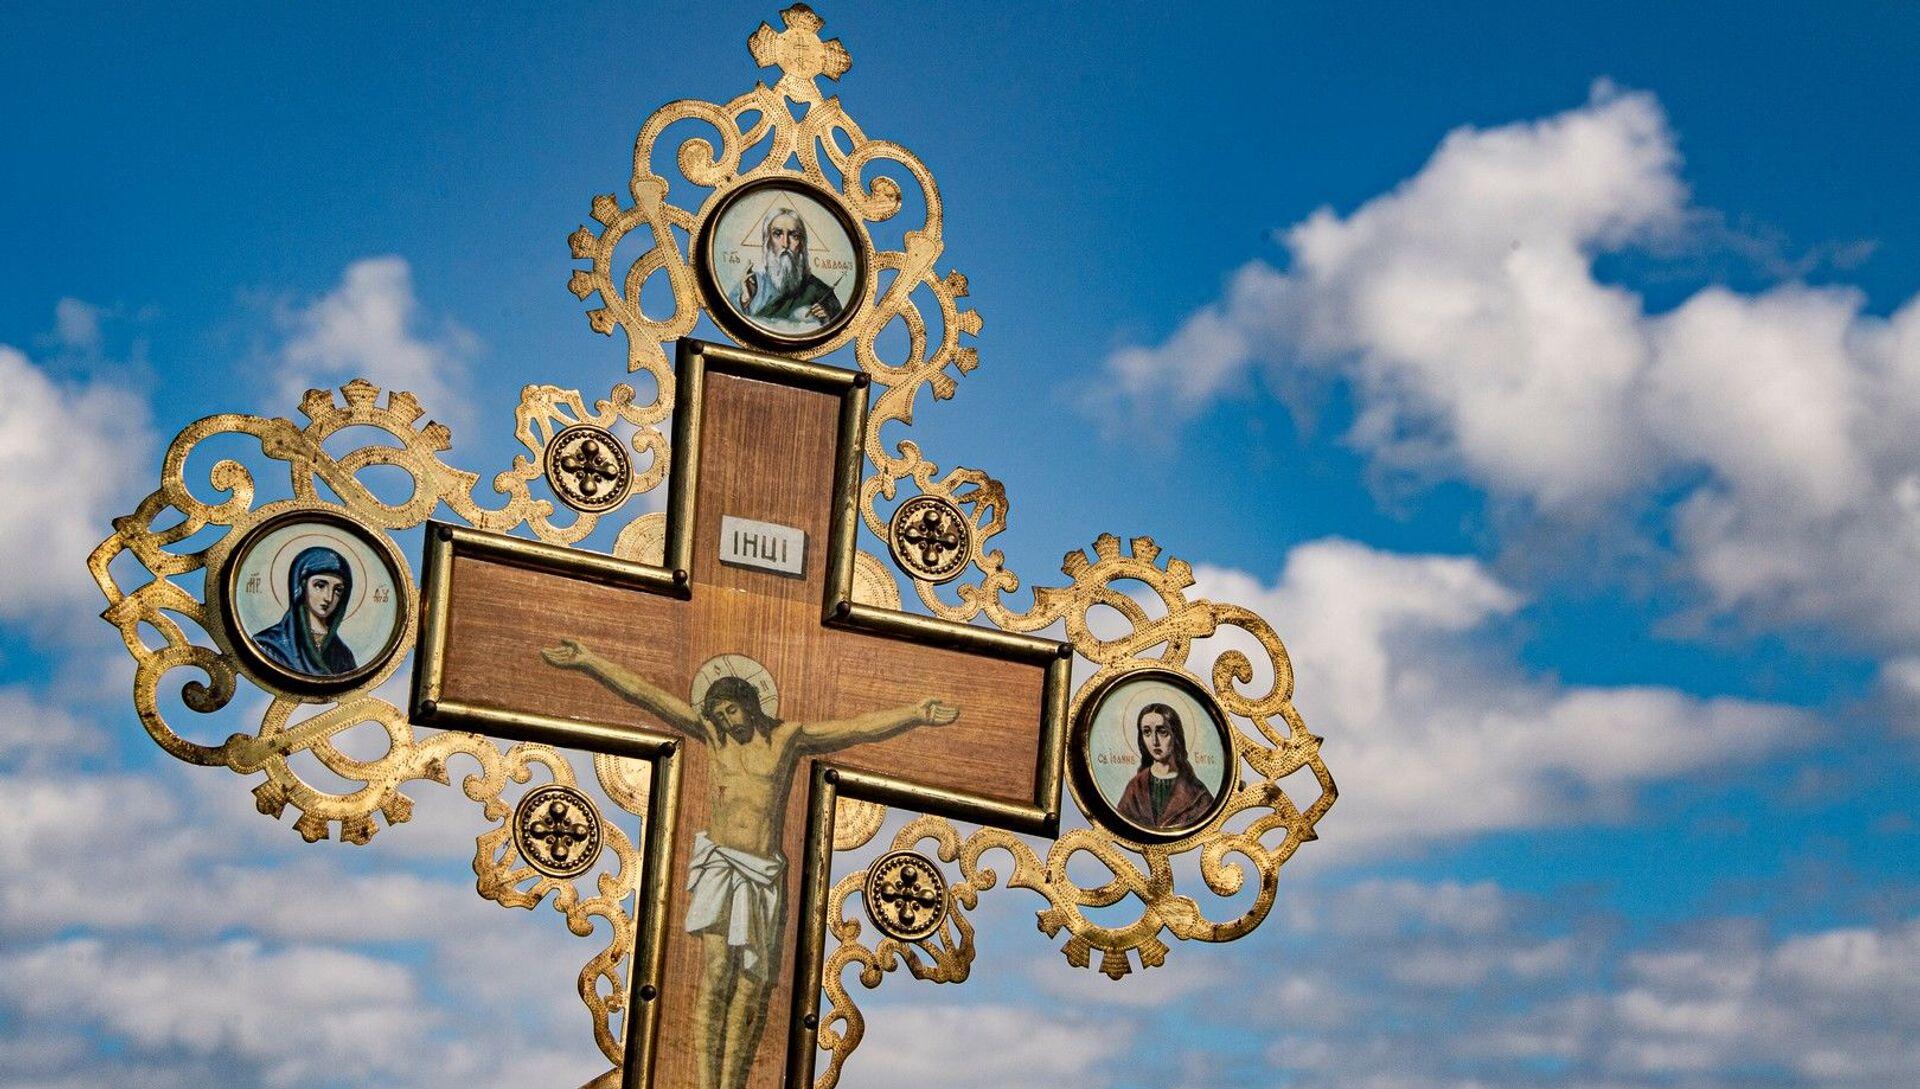 Запрестольный крест - РИА Новости, 1920, 18.01.2021